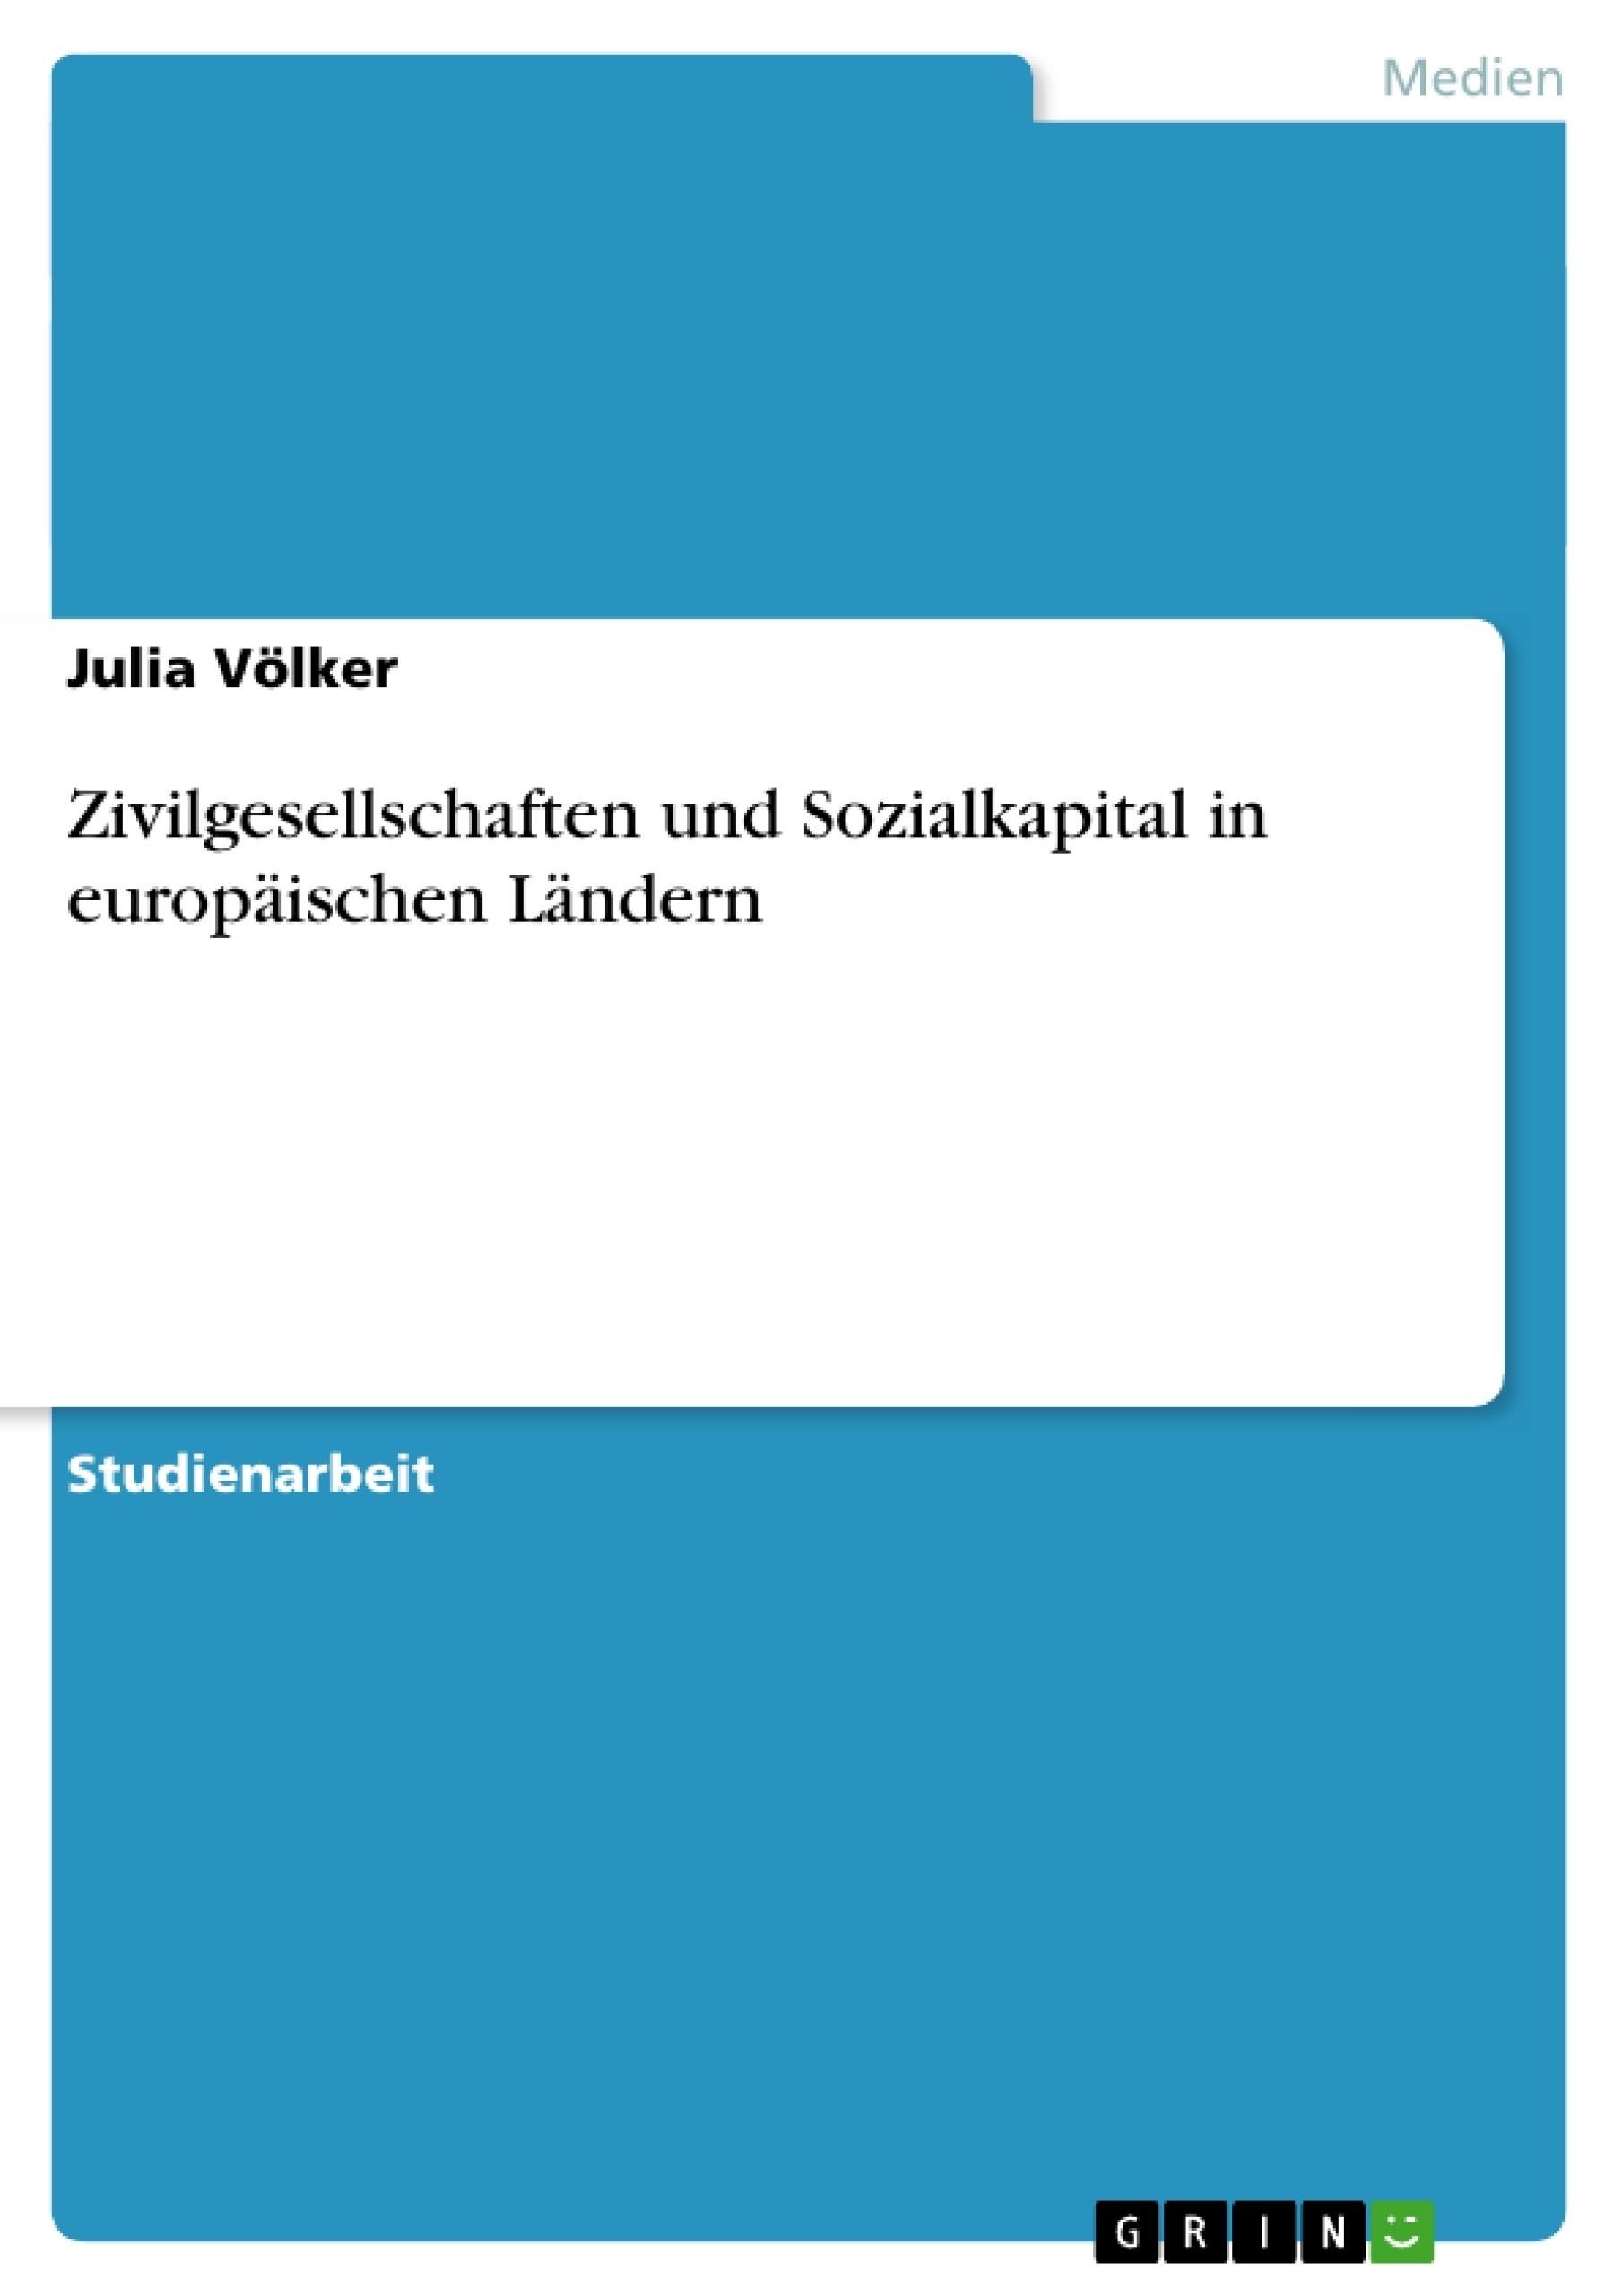 Titel: Zivilgesellschaften und Sozialkapital in europäischen Ländern